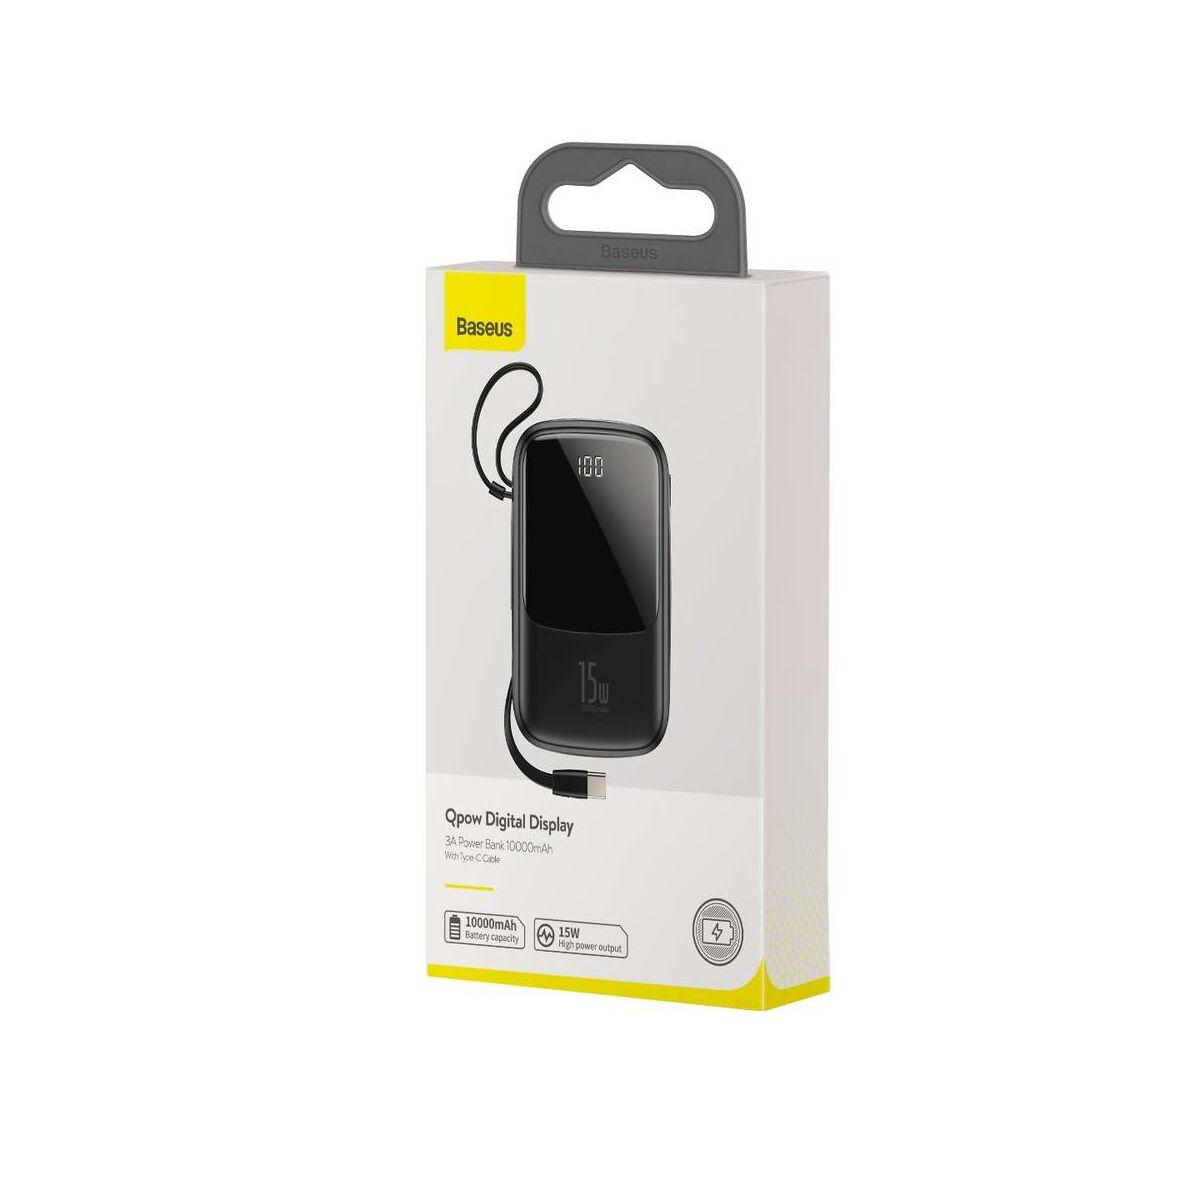 Baseus Power Bank Q pow Digitális kijelző (ajándék Type-C kábellel) 3A, 10000 mAh, fekete (PPQD-A01)